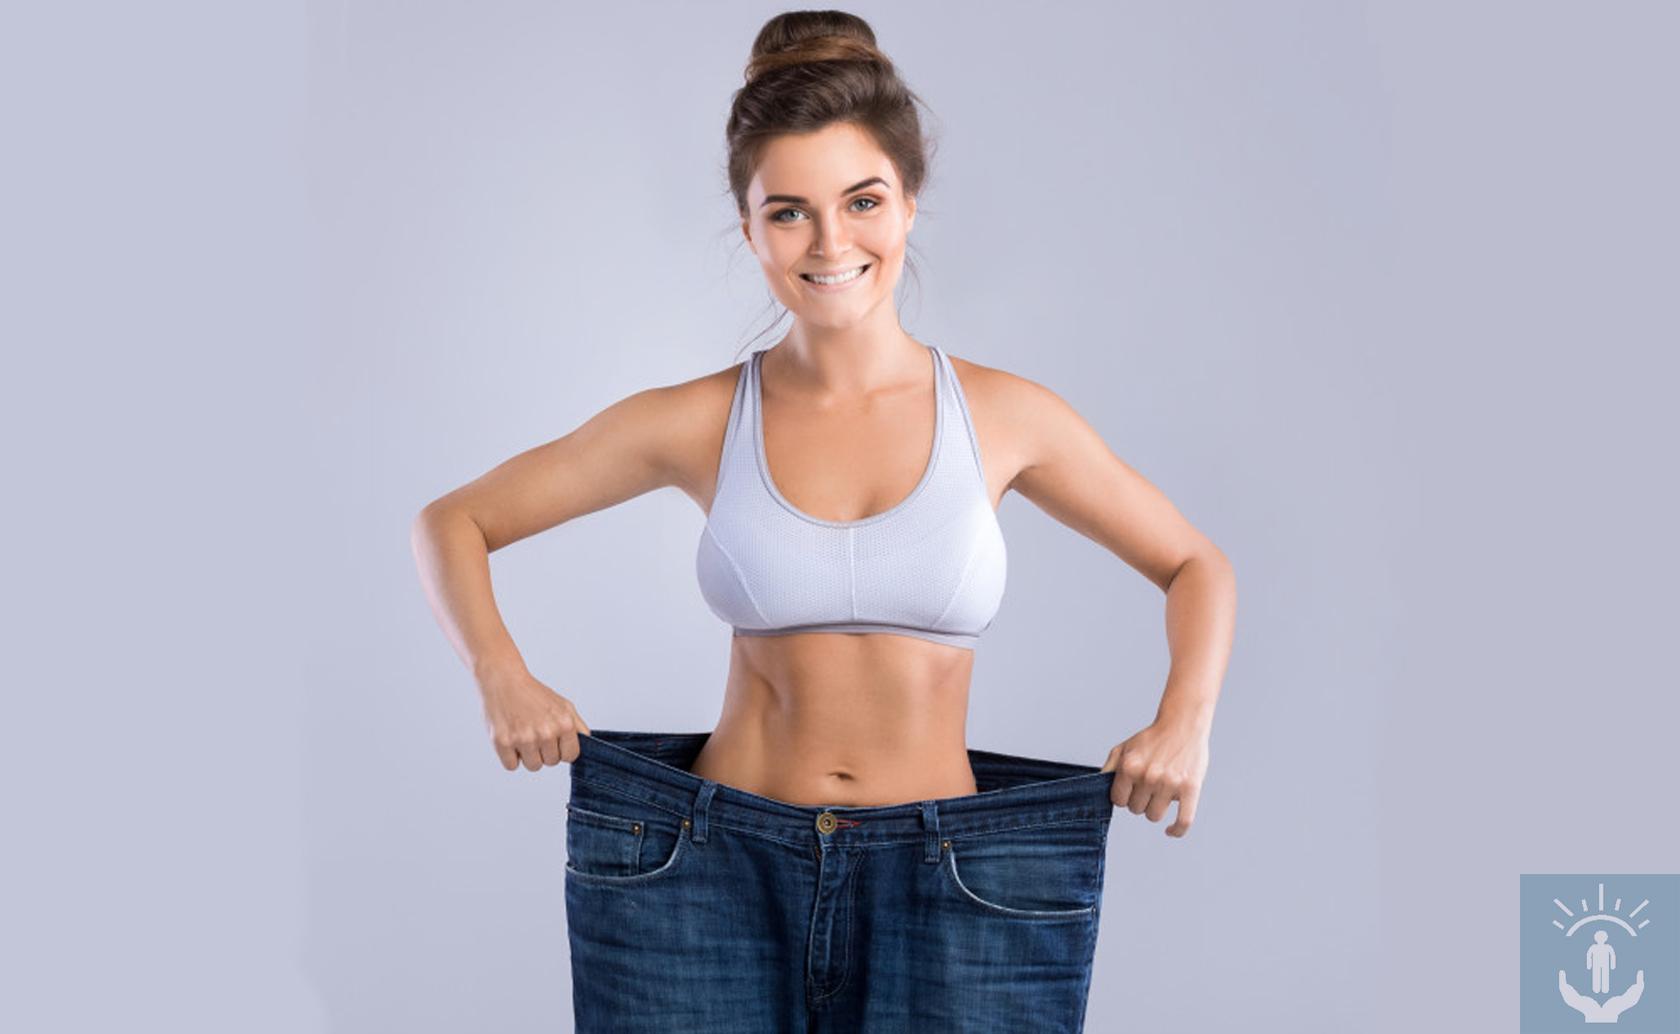 Психотерапия лишнего веса - АландМед